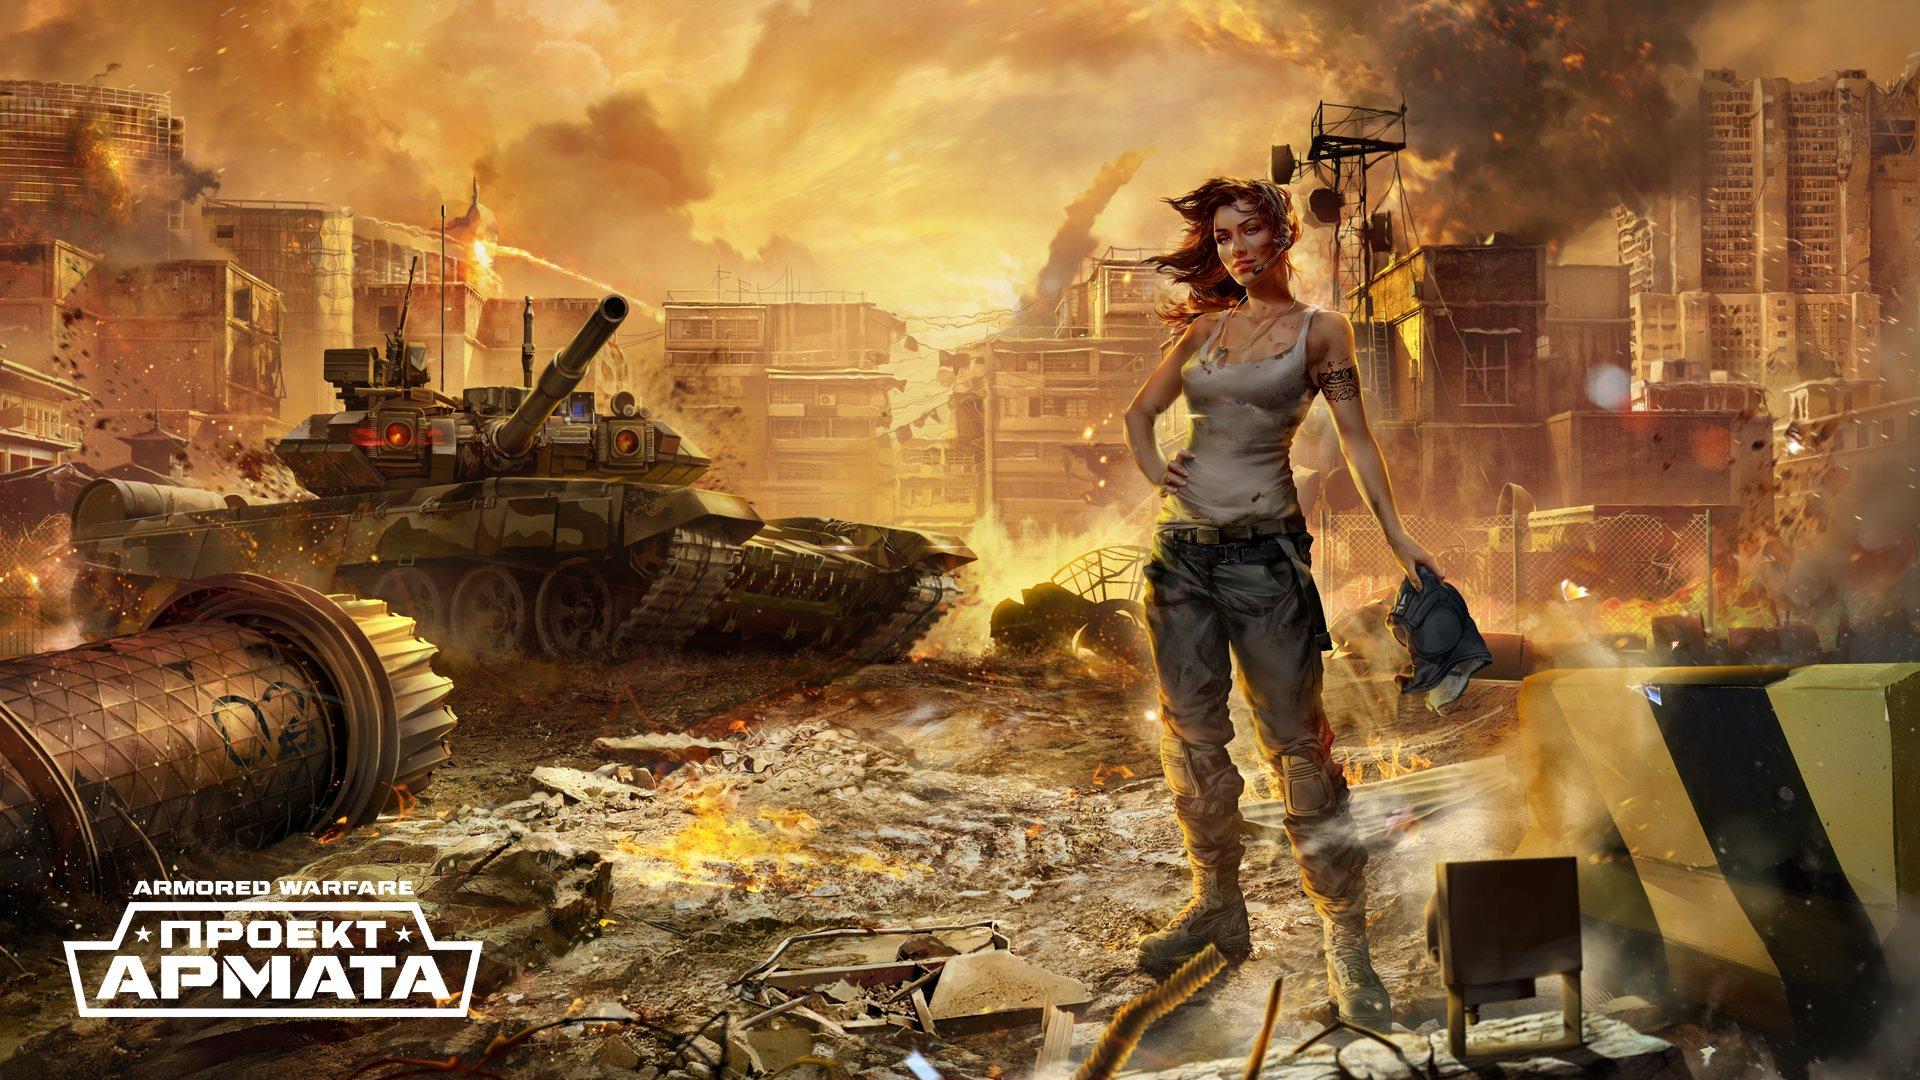 Кастинг ведущей новостей Armored Warfare: Проект Армата. - Изображение 1